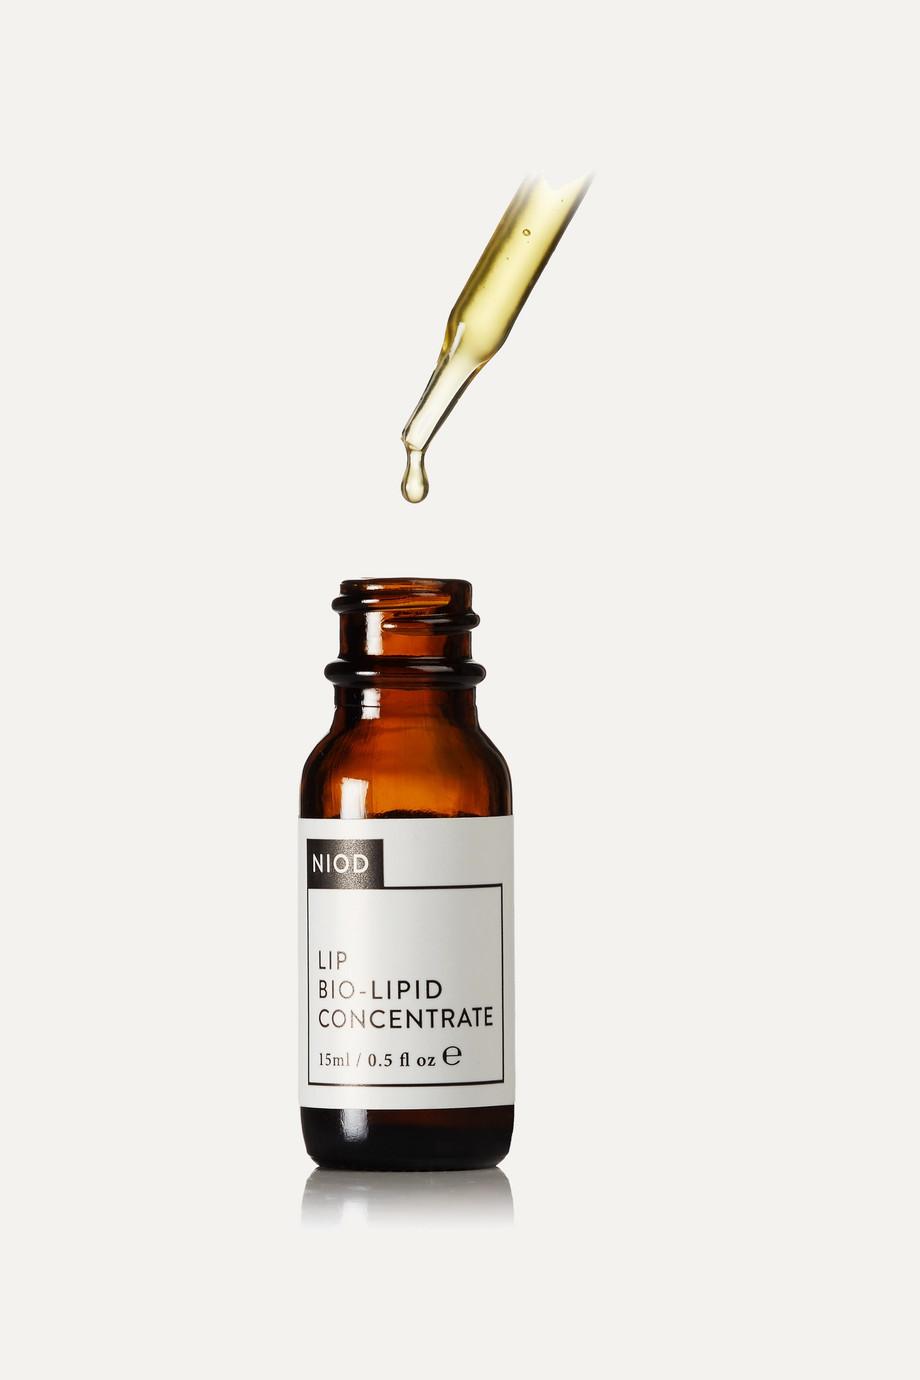 NIOD Lip Bio-Lipid Concentrate, 15 ml – Lippenserum